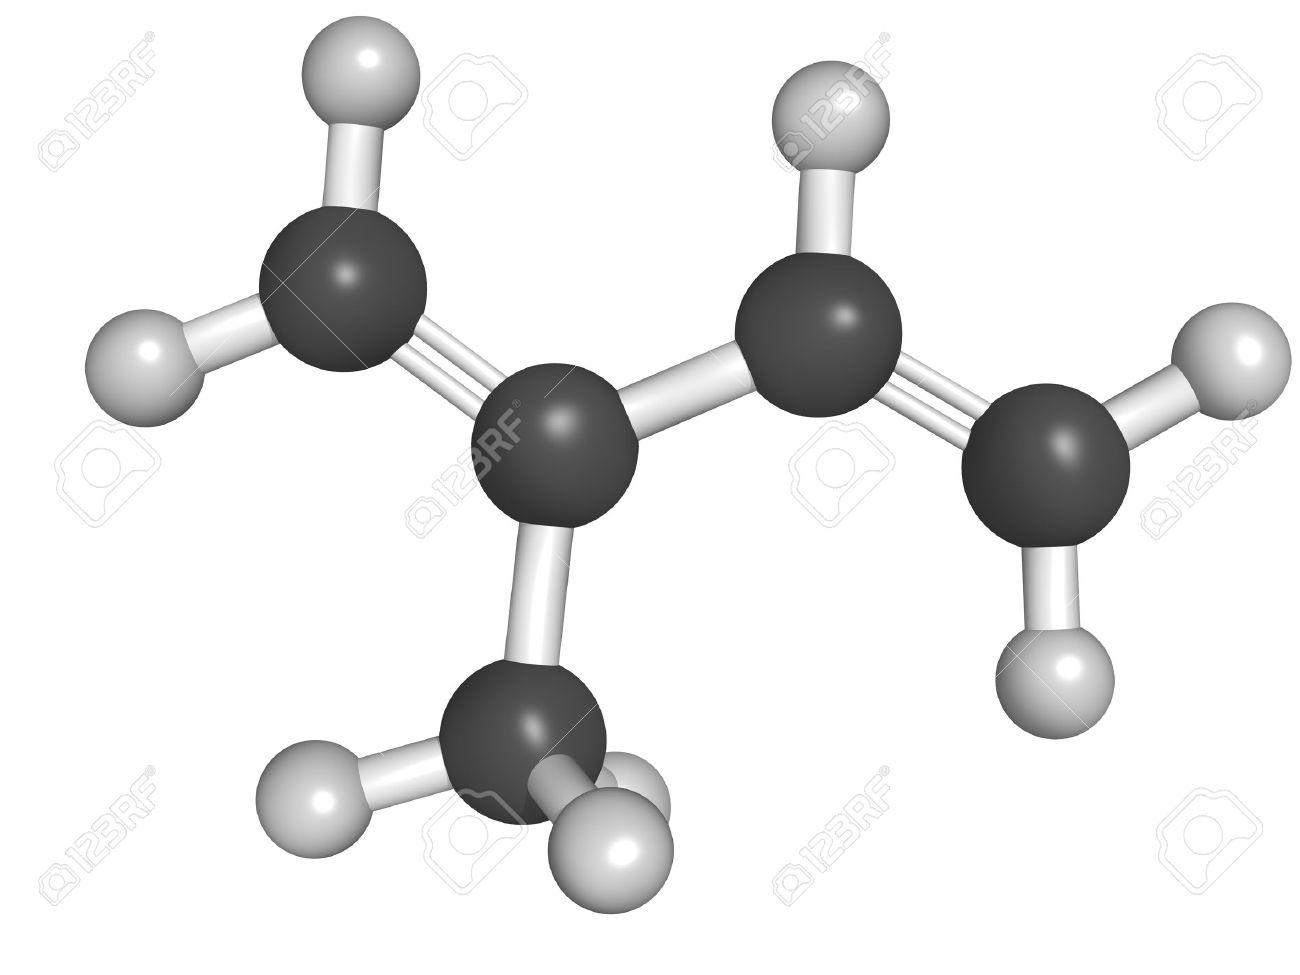 Chemical structure of isoprene, rubber (polyisoprene) building